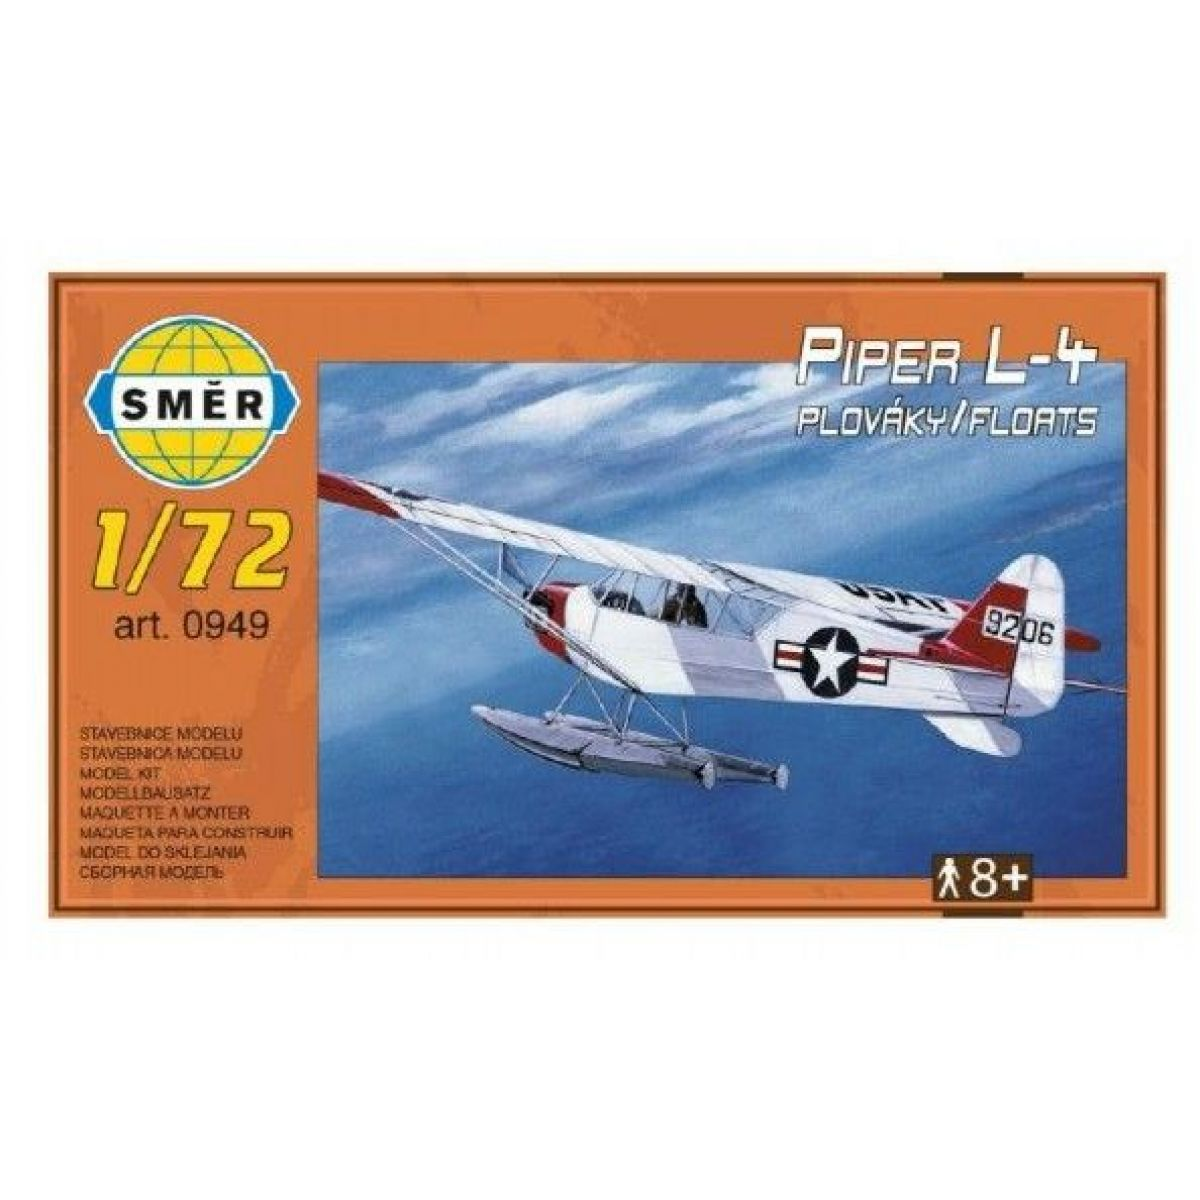 Smer Model Piper L4 plaváky 1:72